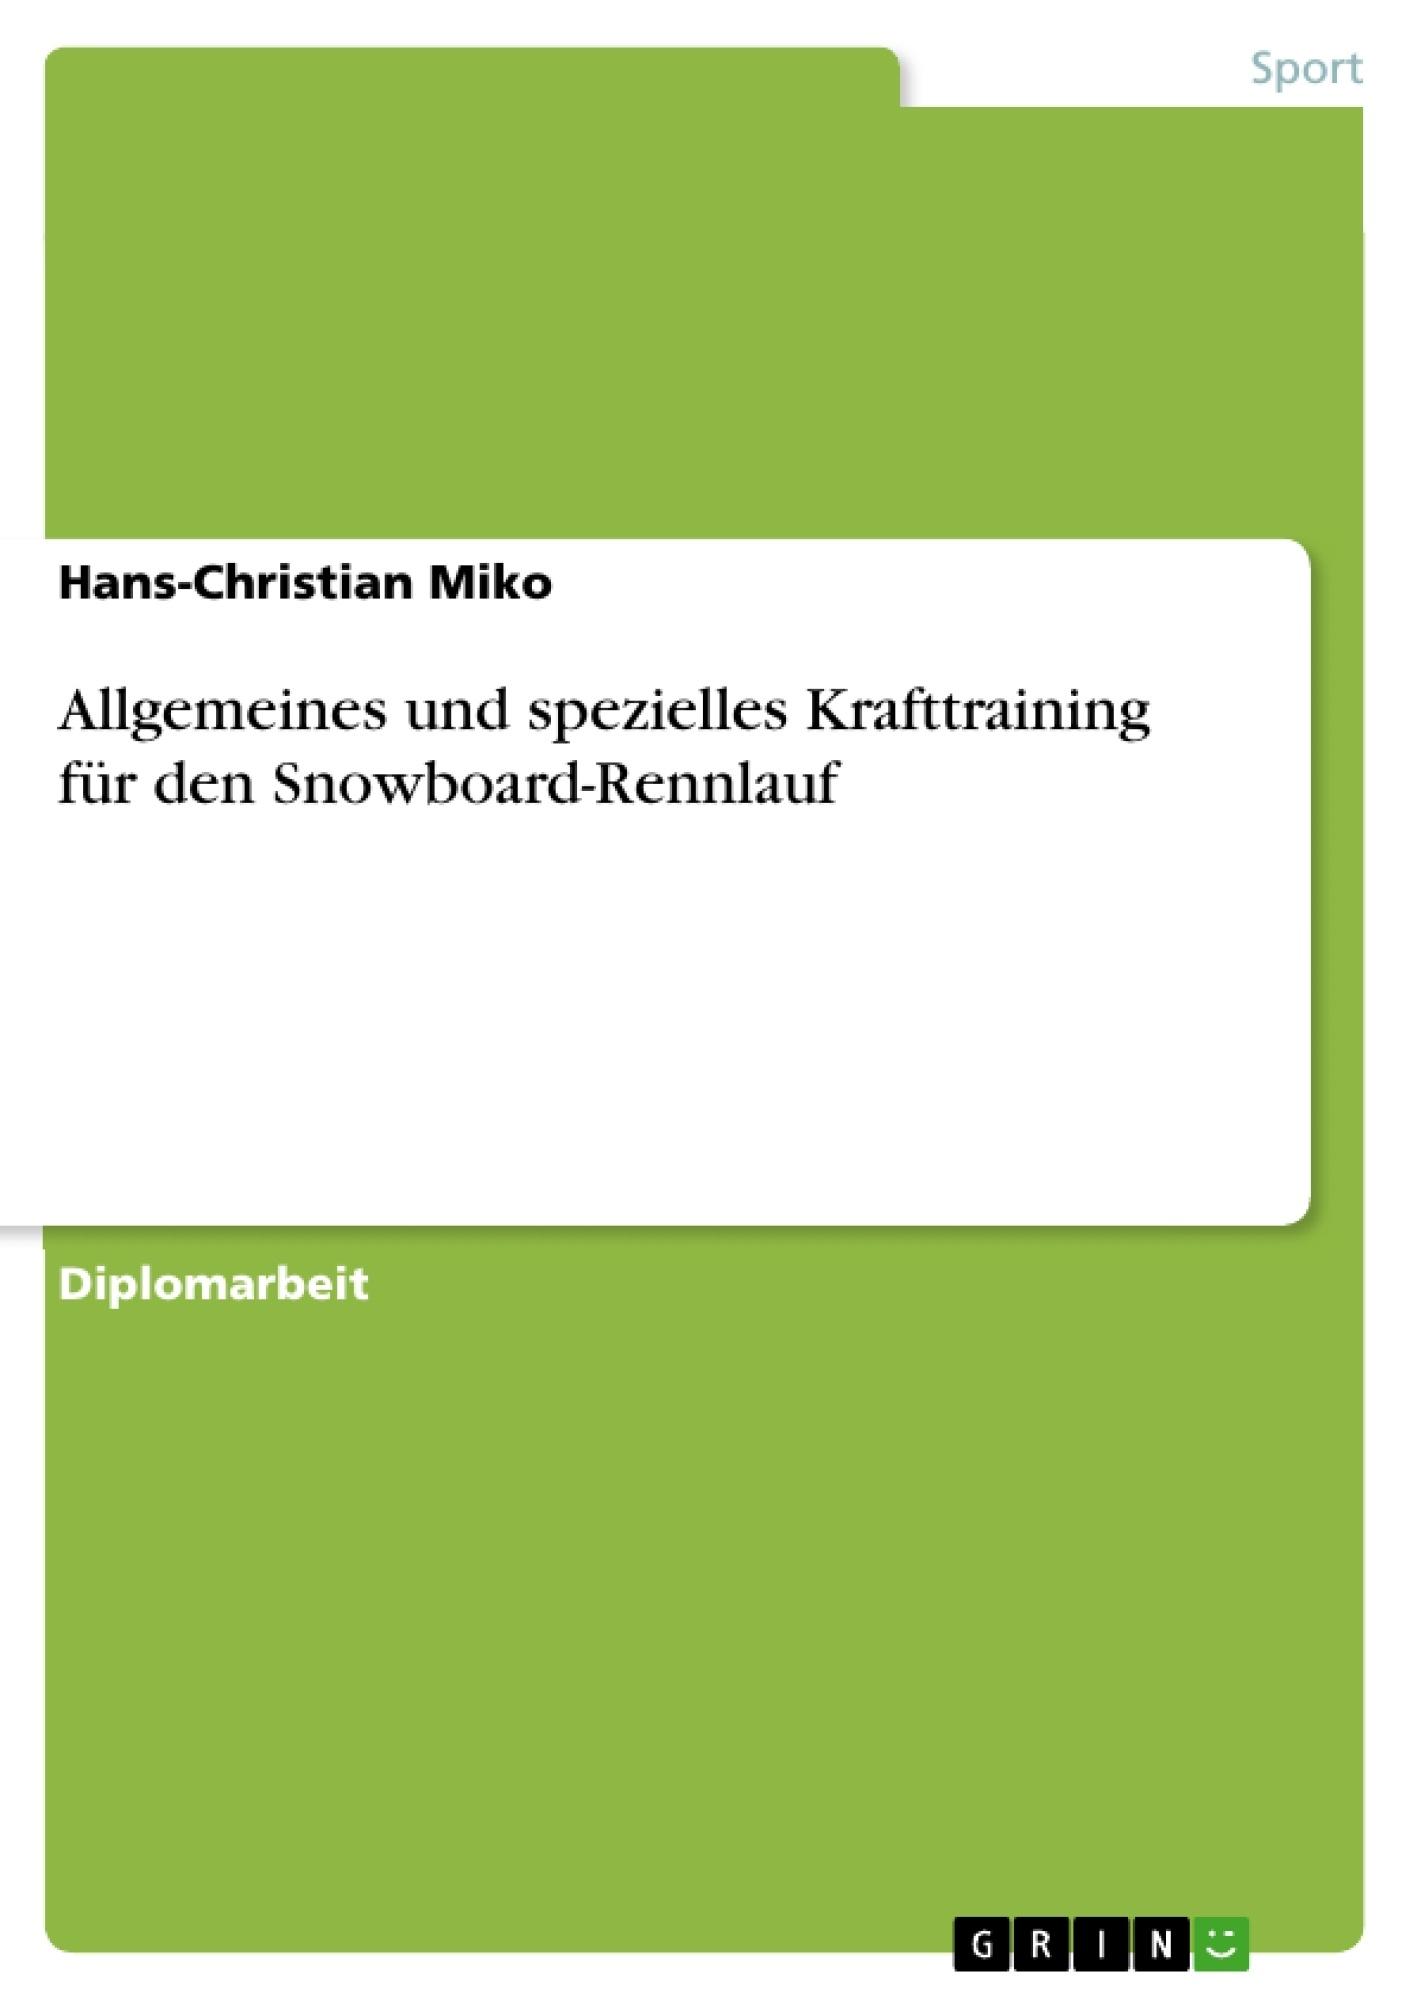 Titel: Allgemeines und spezielles Krafttraining für den Snowboard-Rennlauf